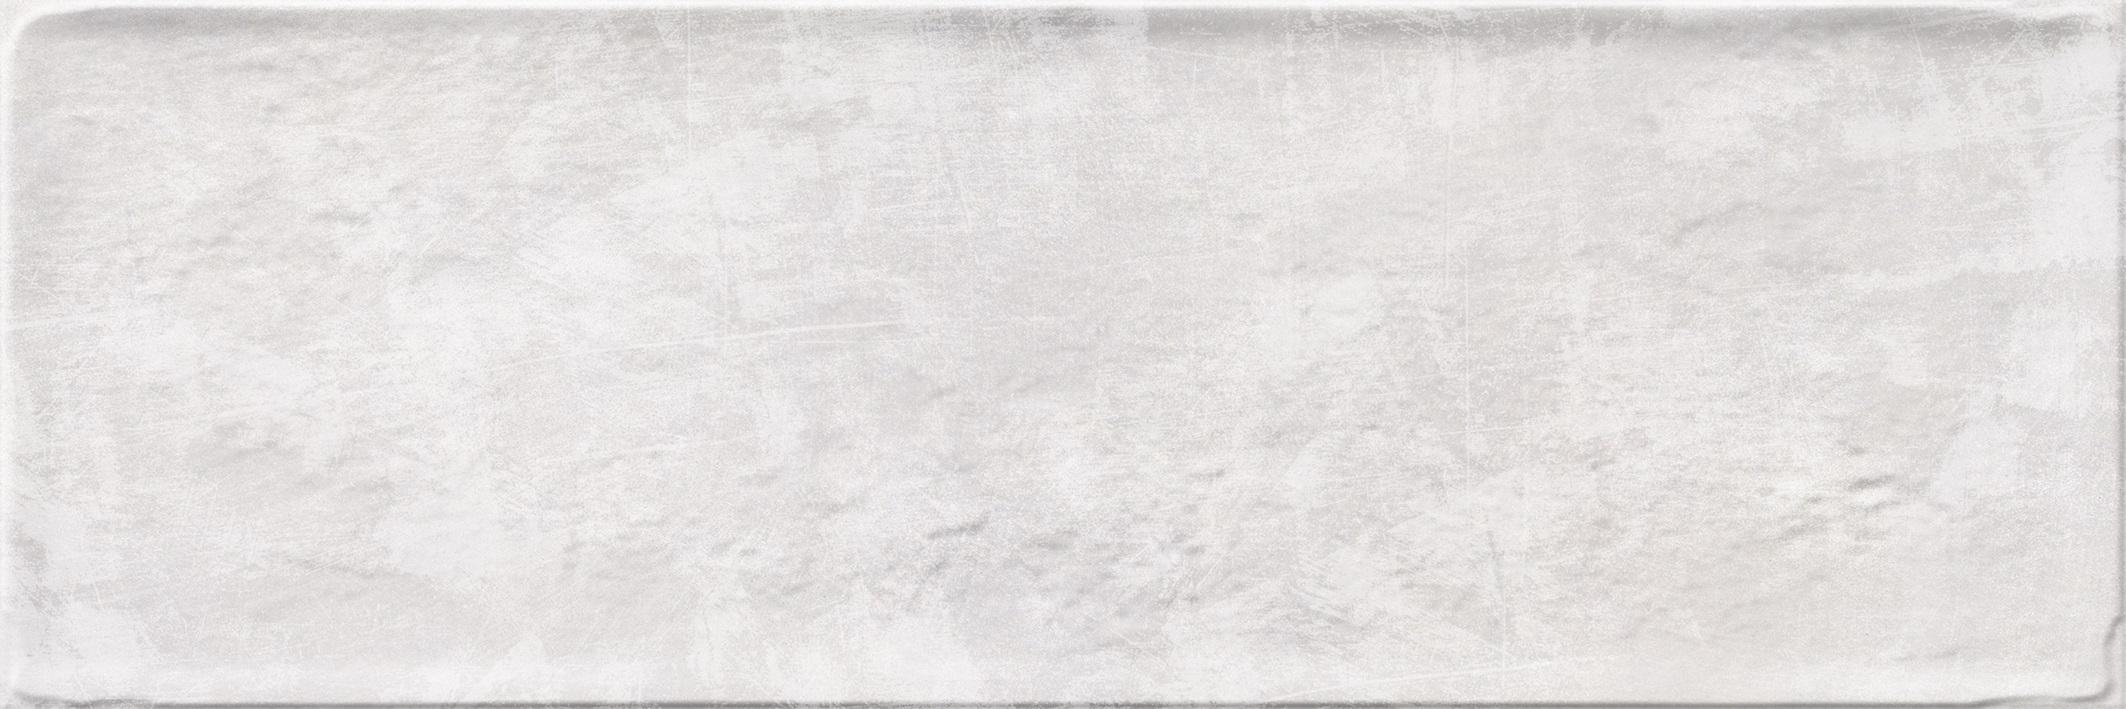 Nube perla 20x60x0,83 - Hansas Plaadimaailm